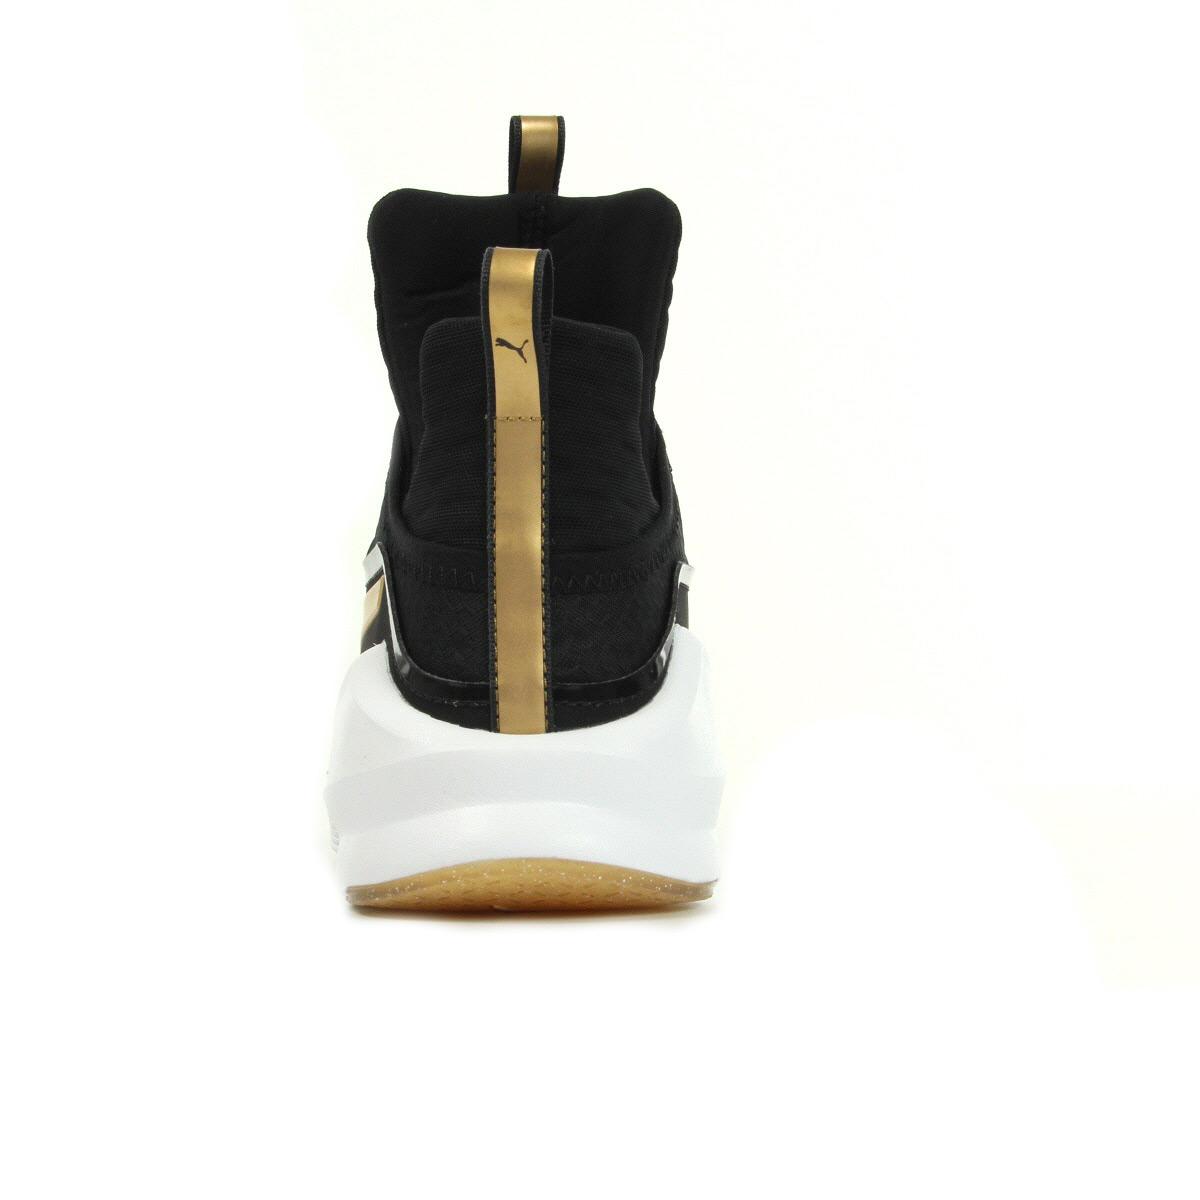 35c3c00d42c Chaussures Baskets Puma femme Fierce GOLD taille Noir Noire Textile ...